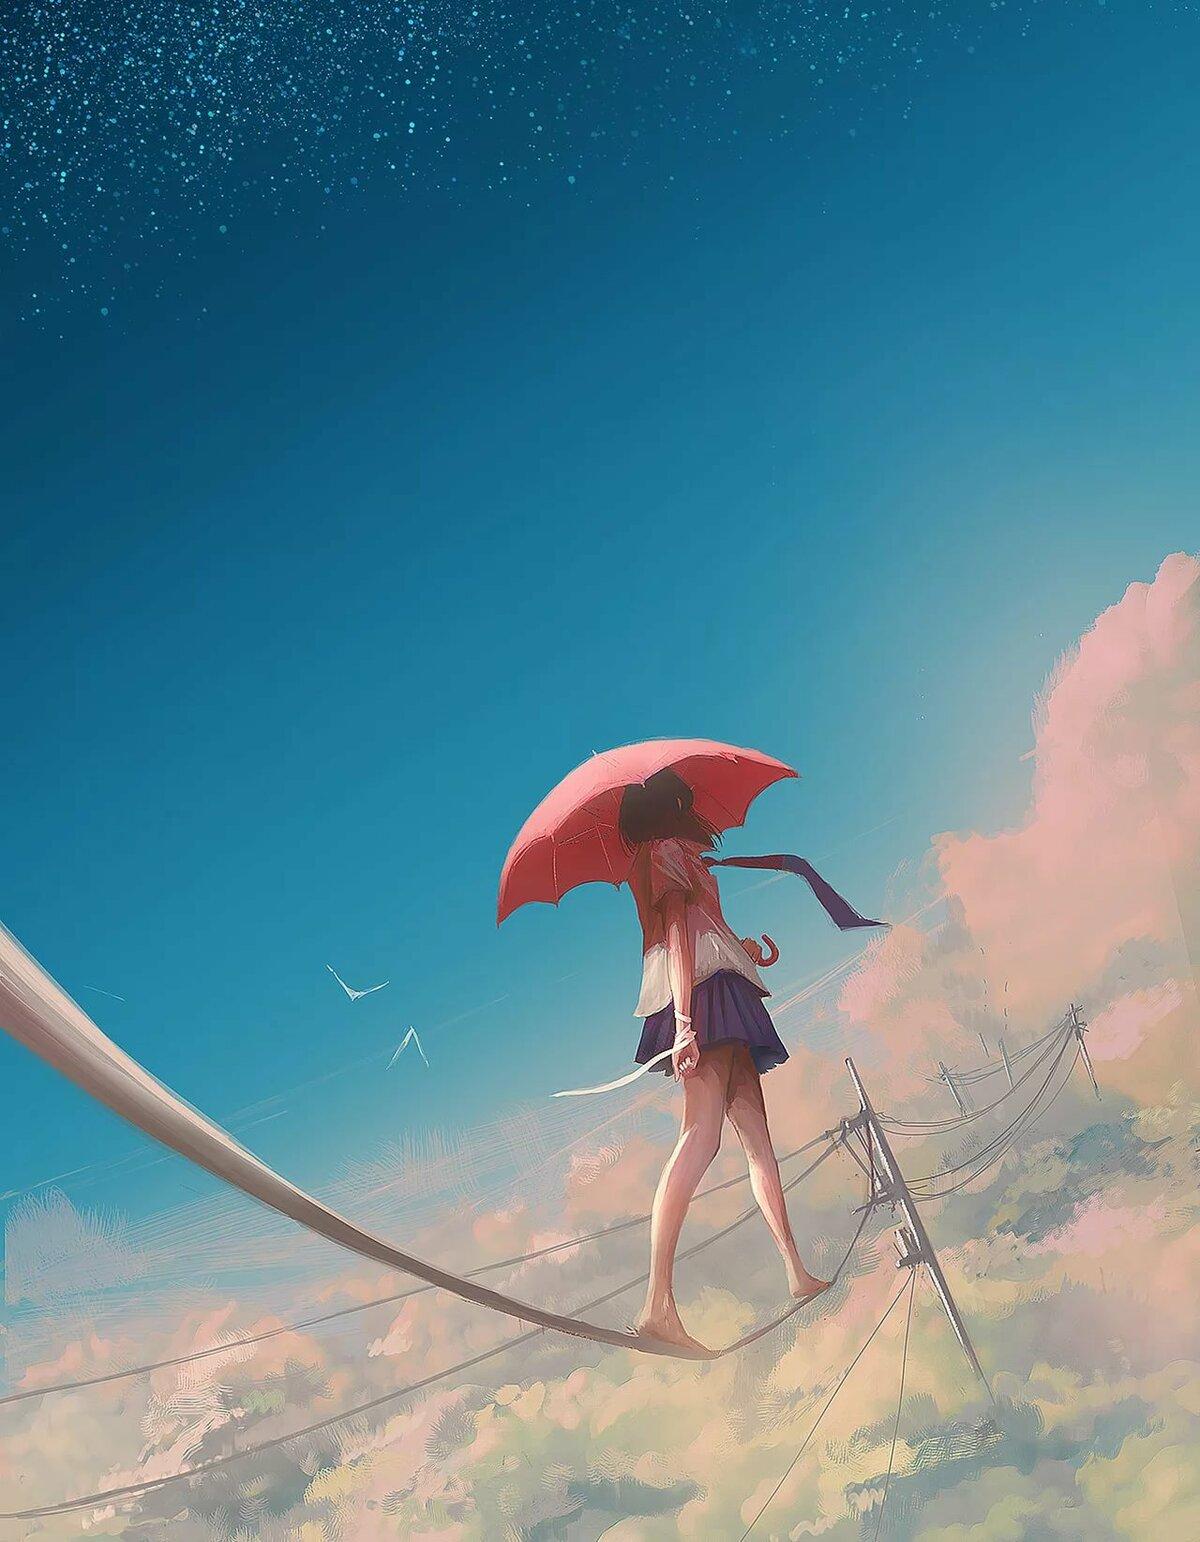 ангел под зонтом картинки преображения она